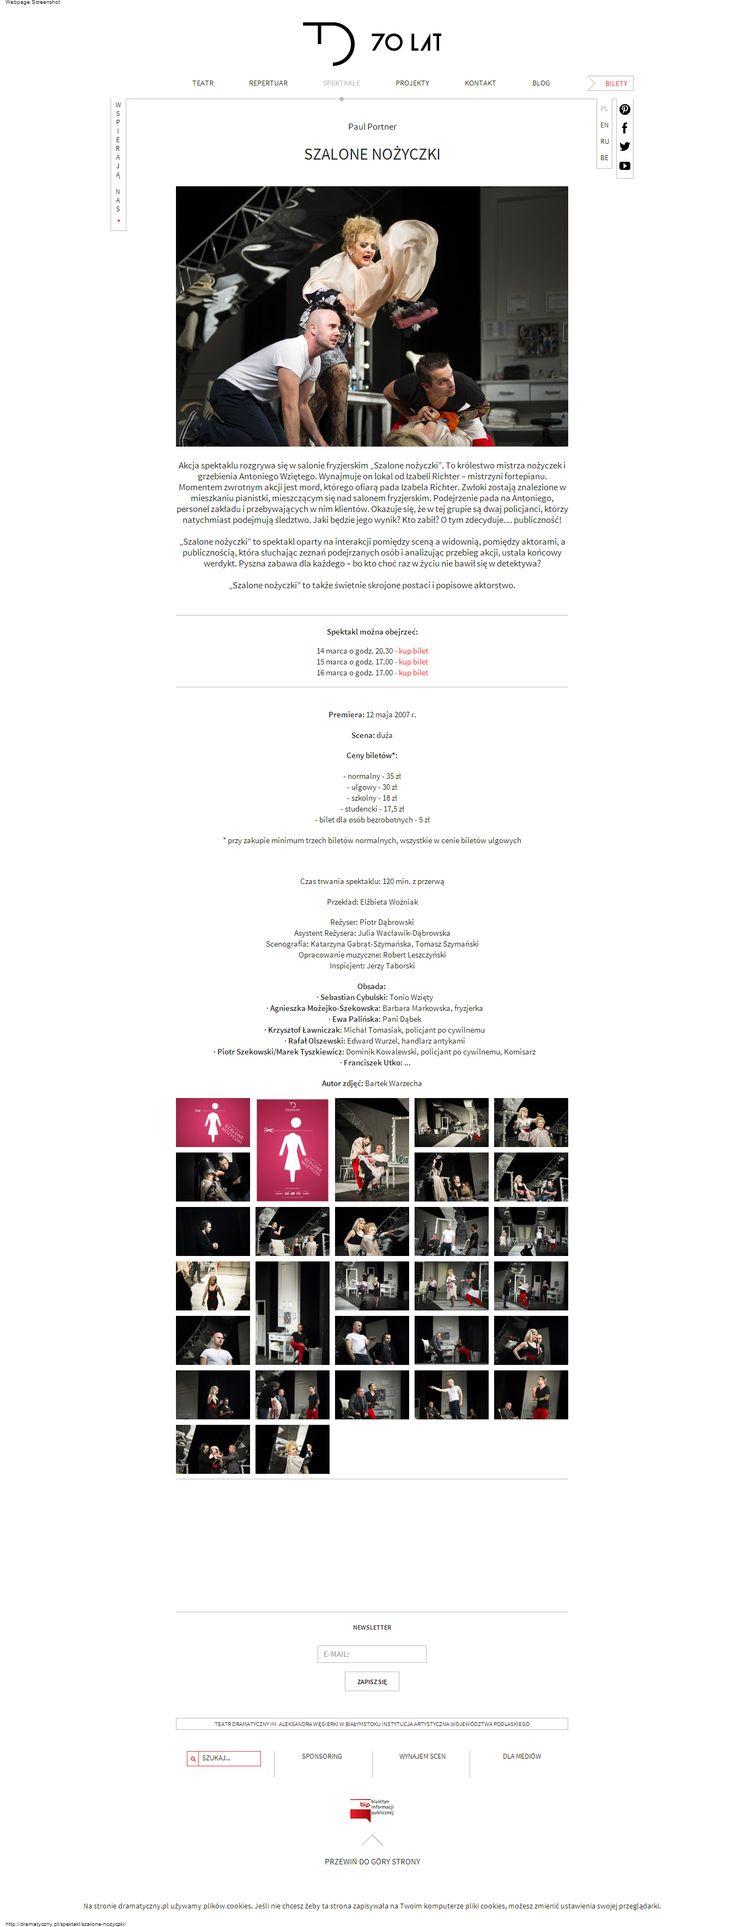 Szalone nożyczki | Teatr Dramatyczny im. Aleksandra Węgierki w Białymstoku Instytucja Artystyczna Województwa Podlaskiego